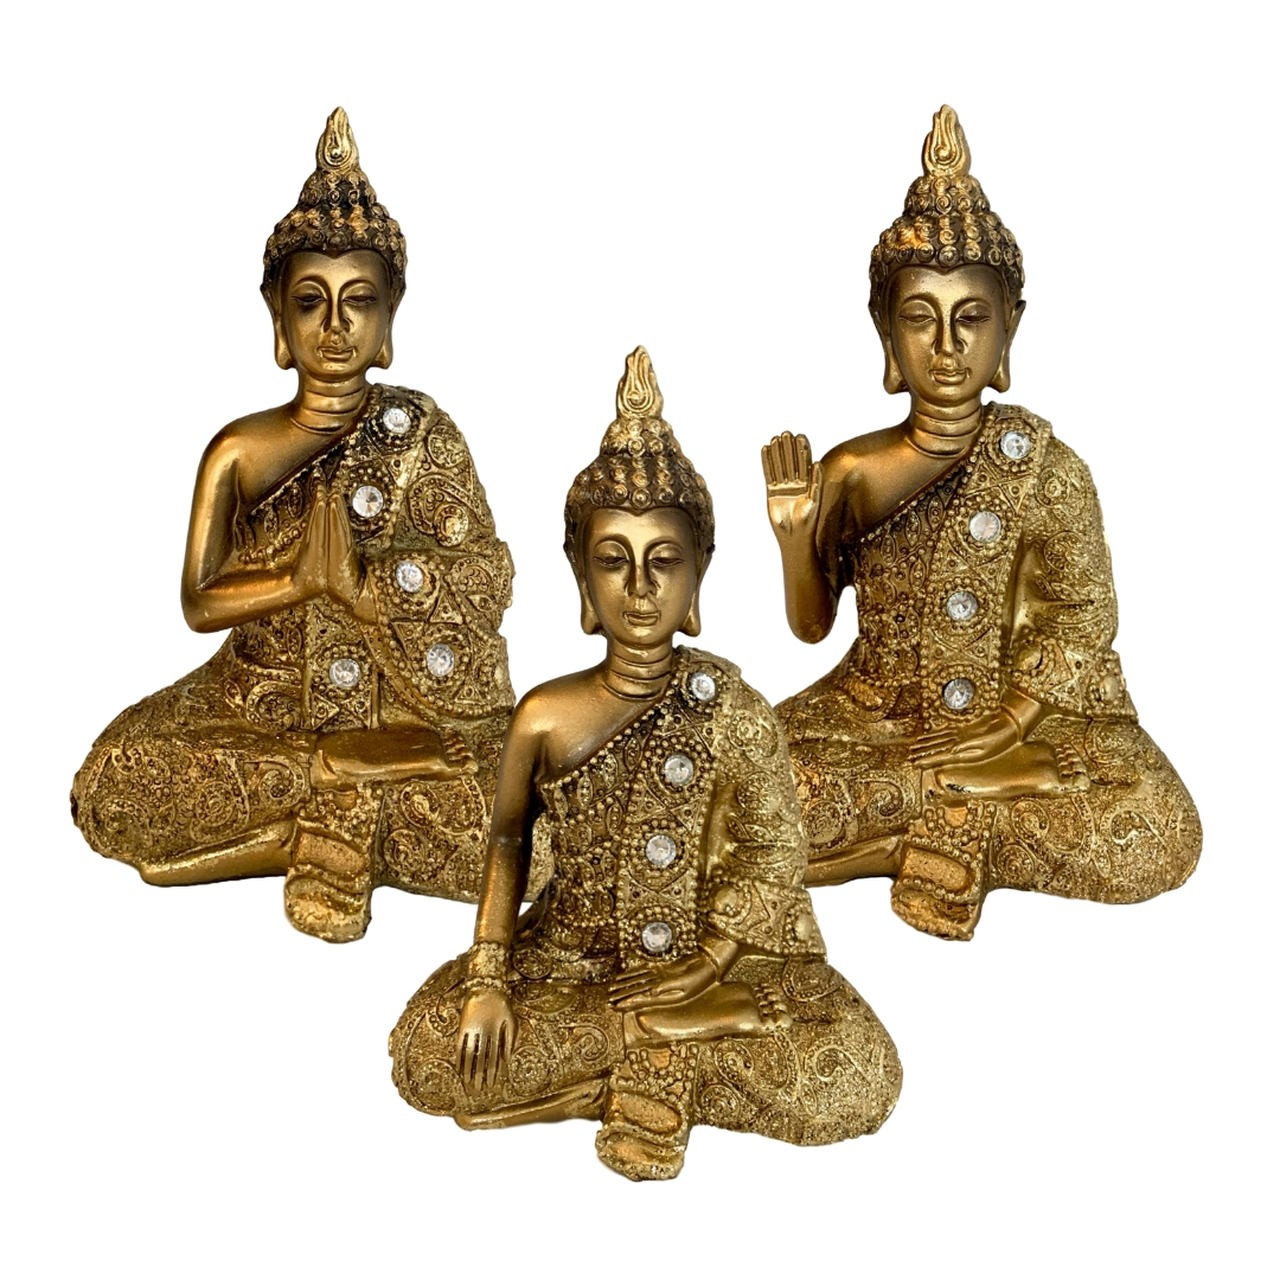 Kit 3 Estatuetas de Buda - Resina